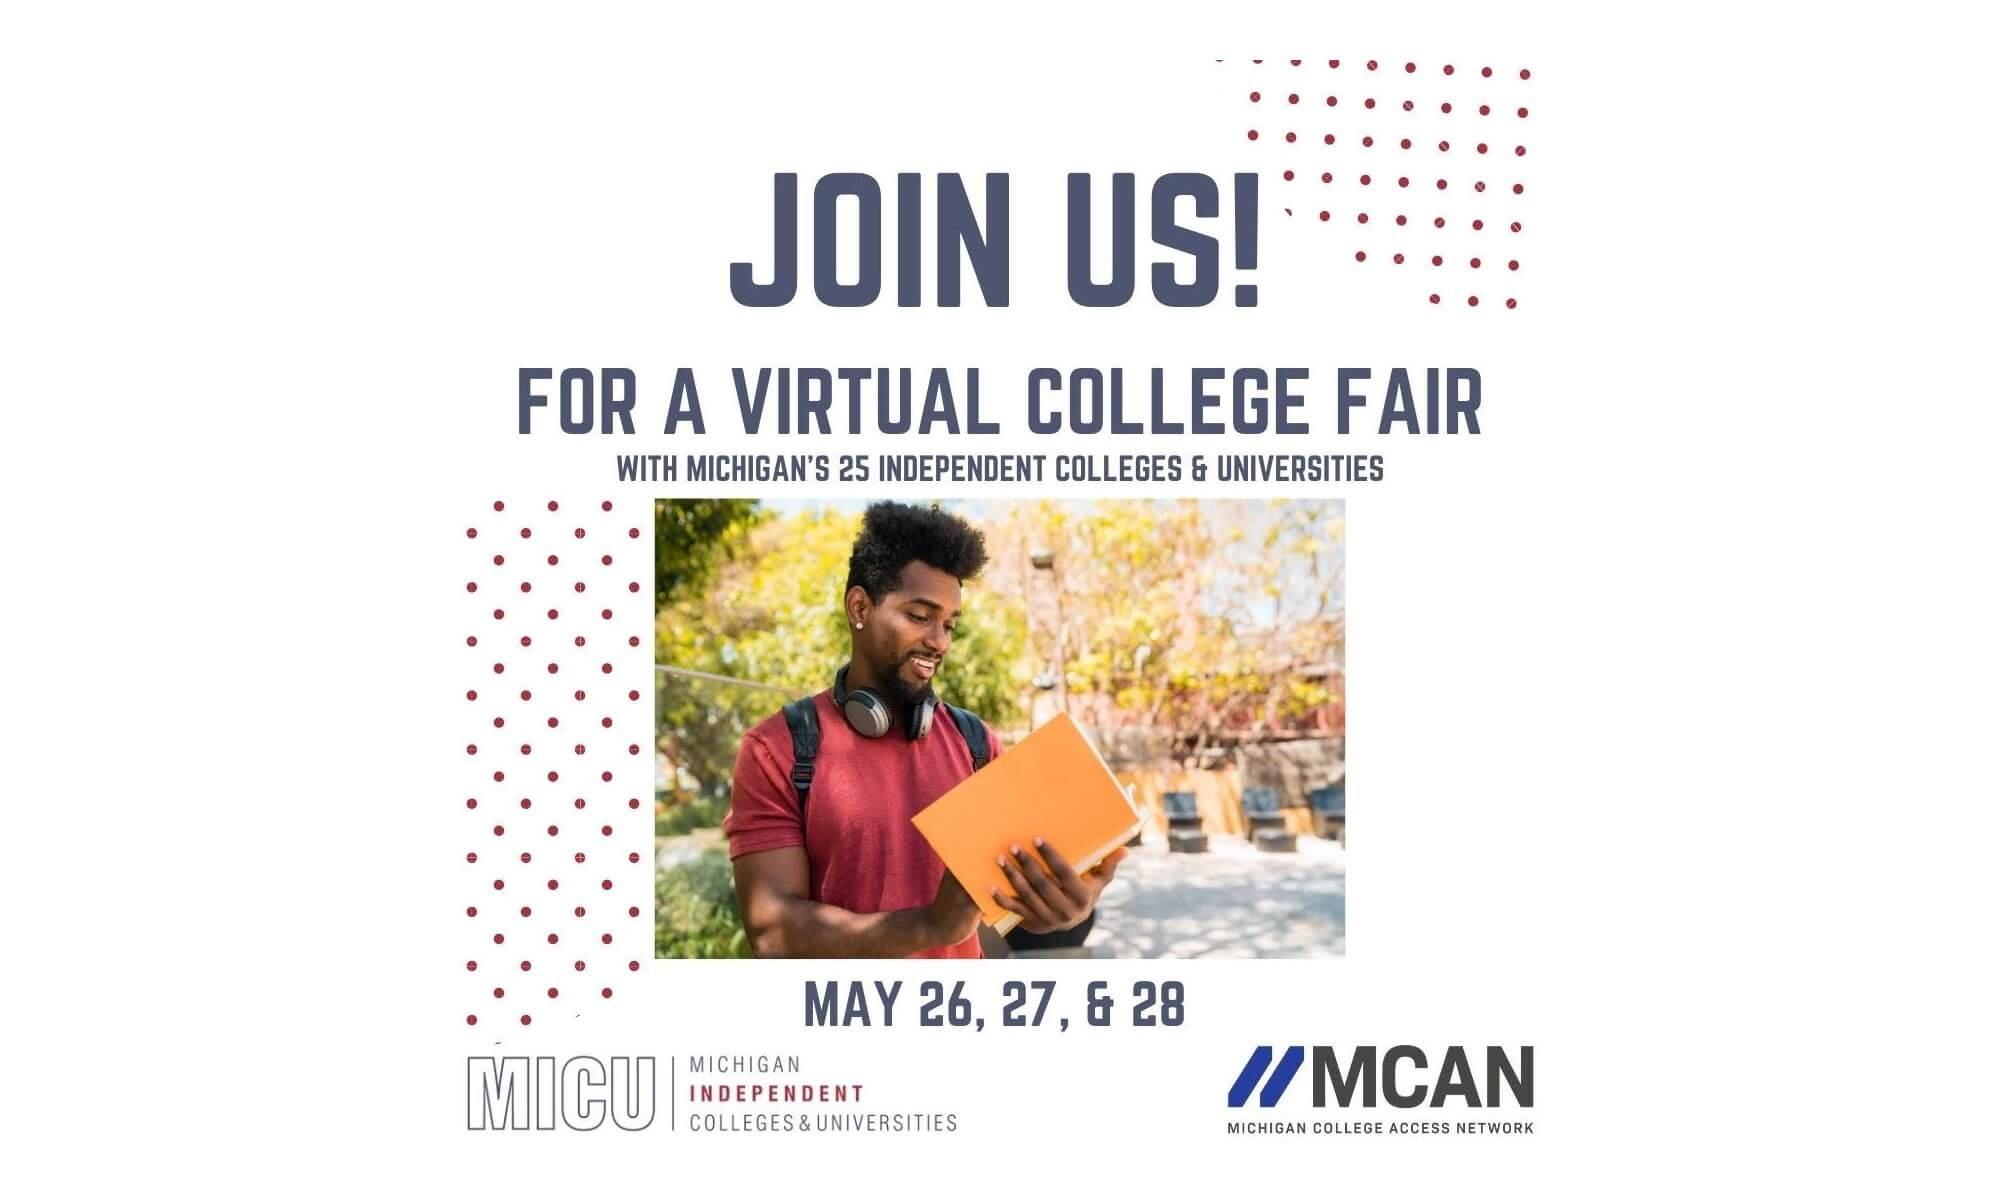 Micu college fair